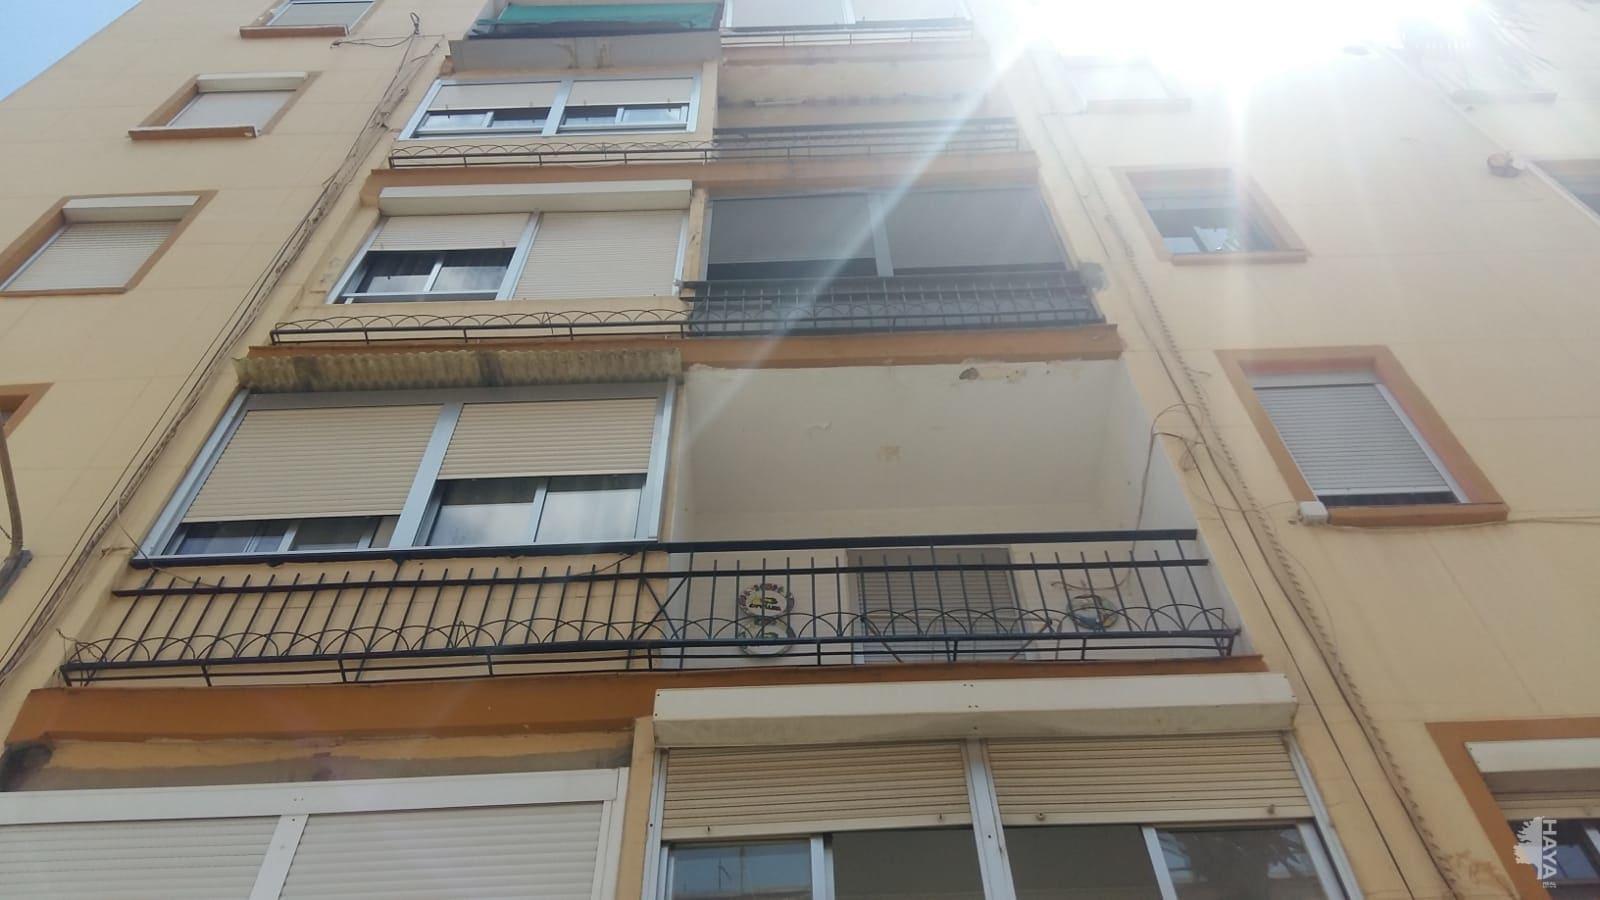 Piso en venta en Paiporta, Valencia, Calle Catraroja, 61.751 €, 2 habitaciones, 1 baño, 89 m2